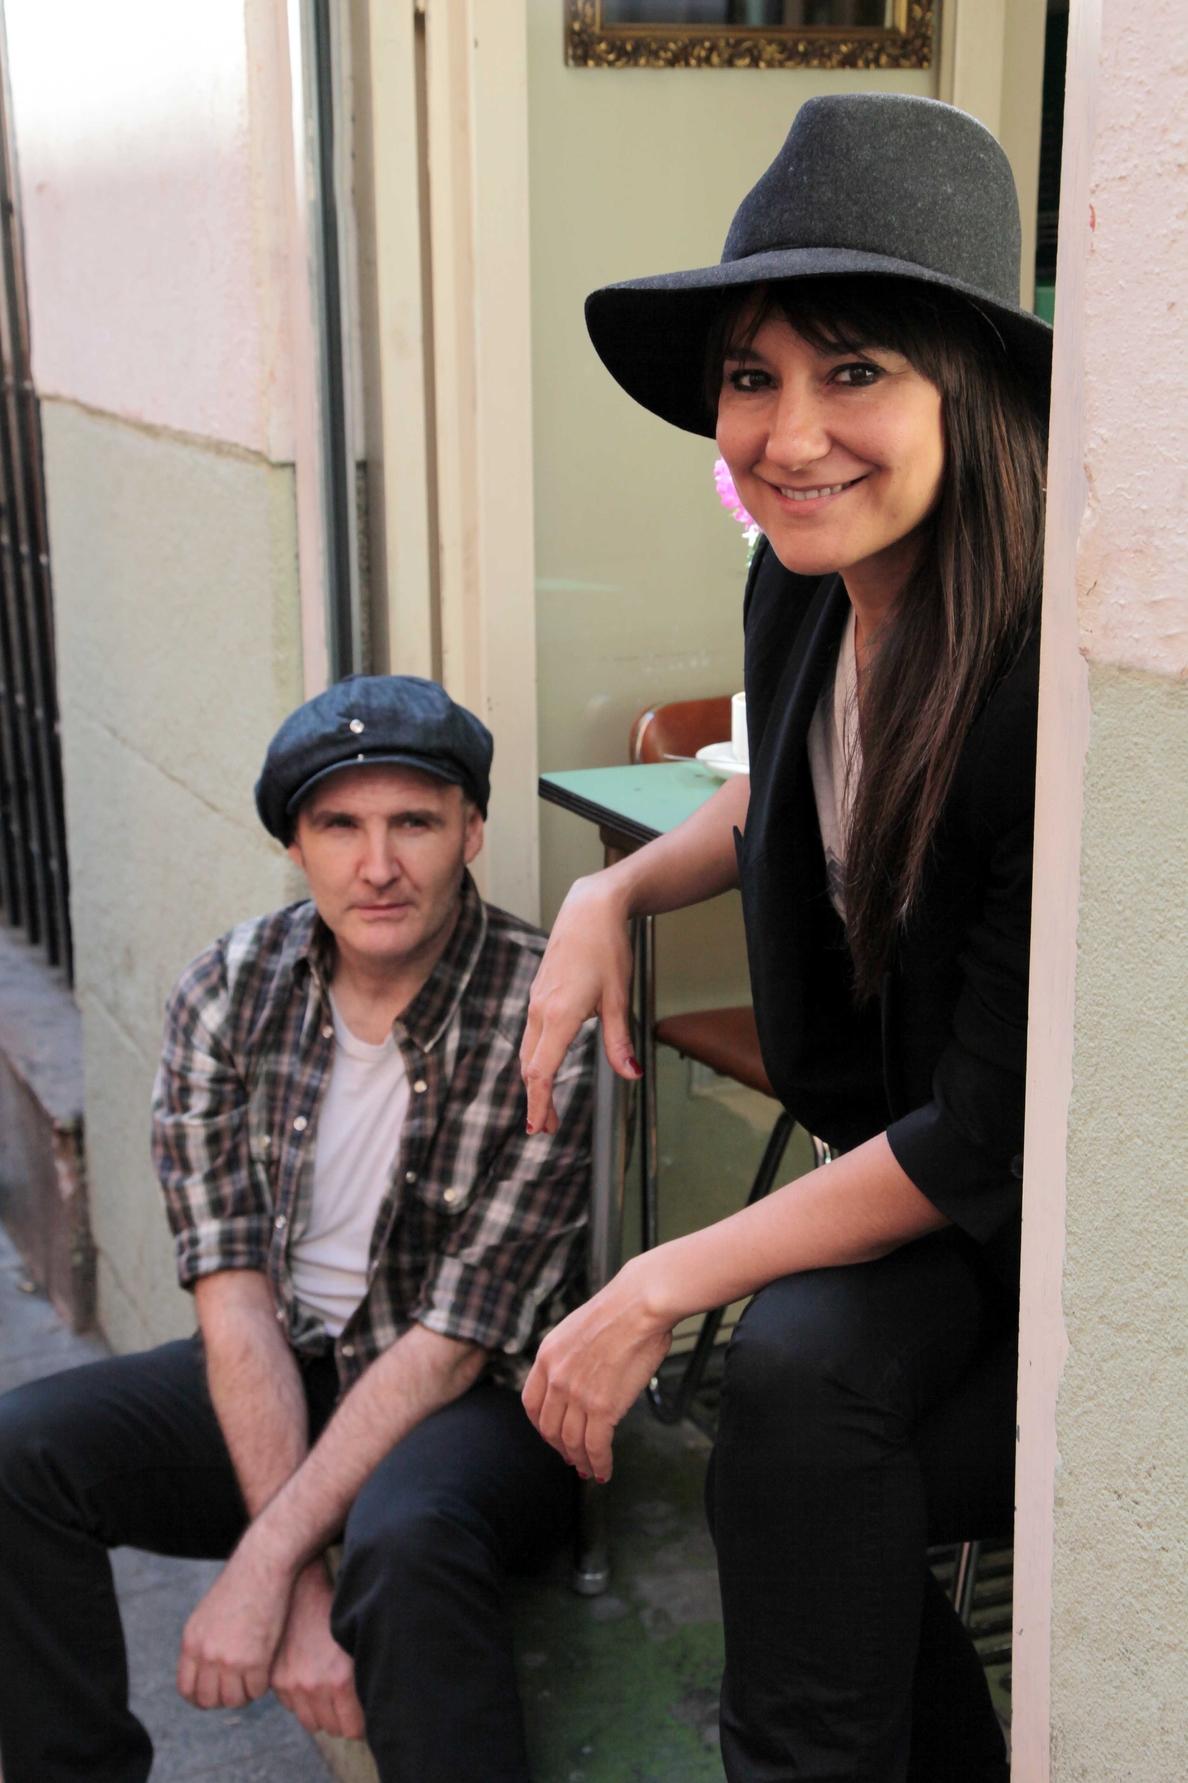 Amaral actuará el próximo 21 de junio en Cádiz y el 12 de julio en Málaga donde presentará su single »Ratonera